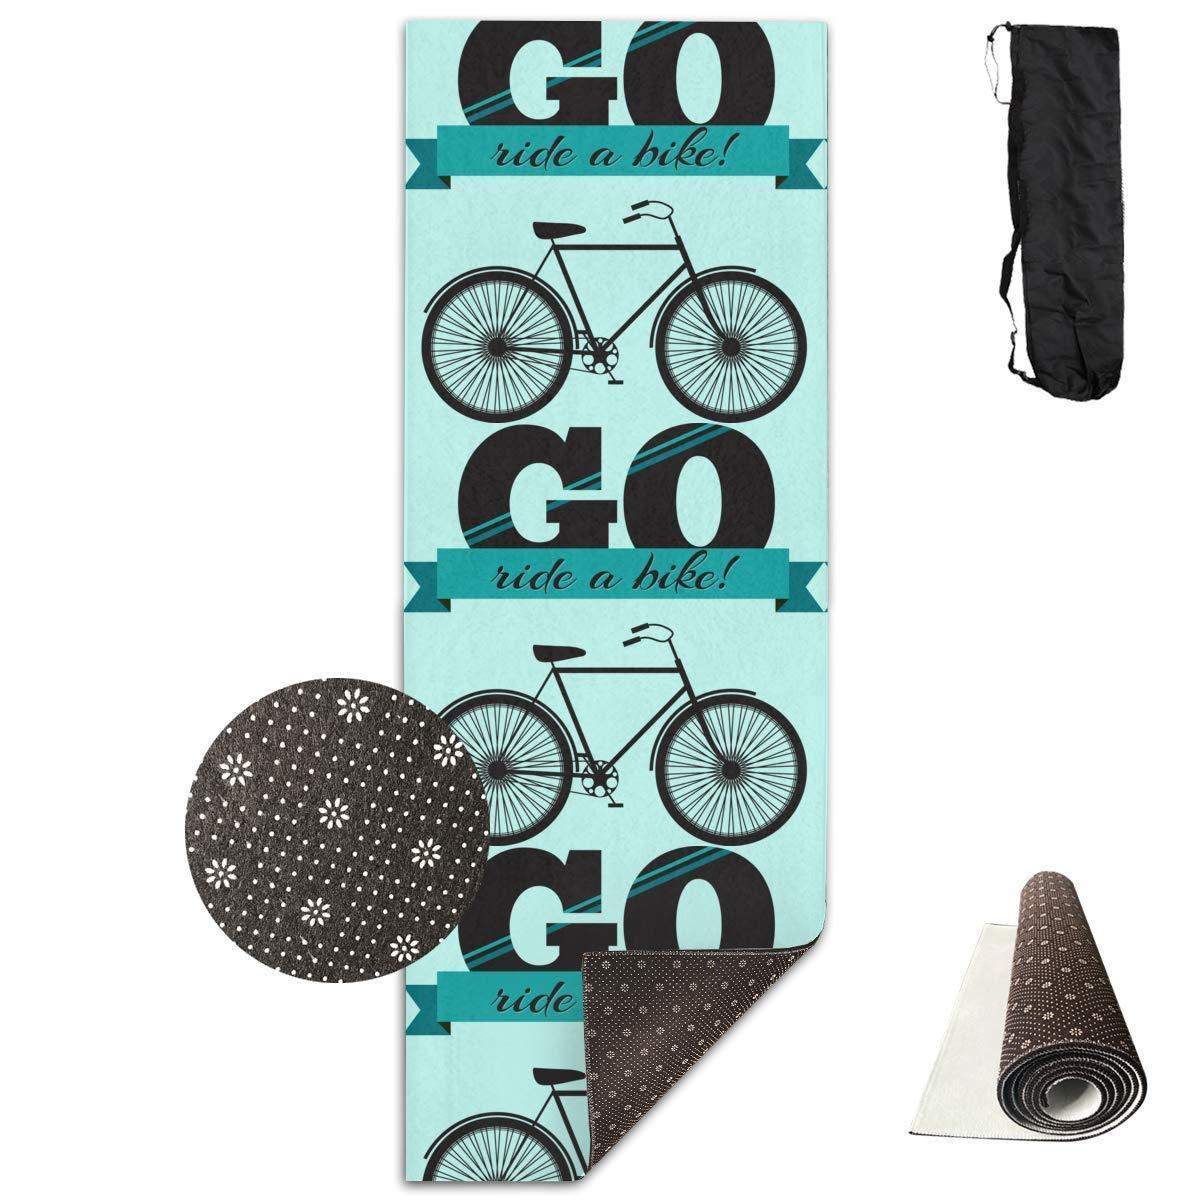 Borsa Shrot Tappetino Yoga Antiscivolo Bicicletta 61 x 180 cm Premium Fitness Esercizio Pilates Cinghia di Trasporto